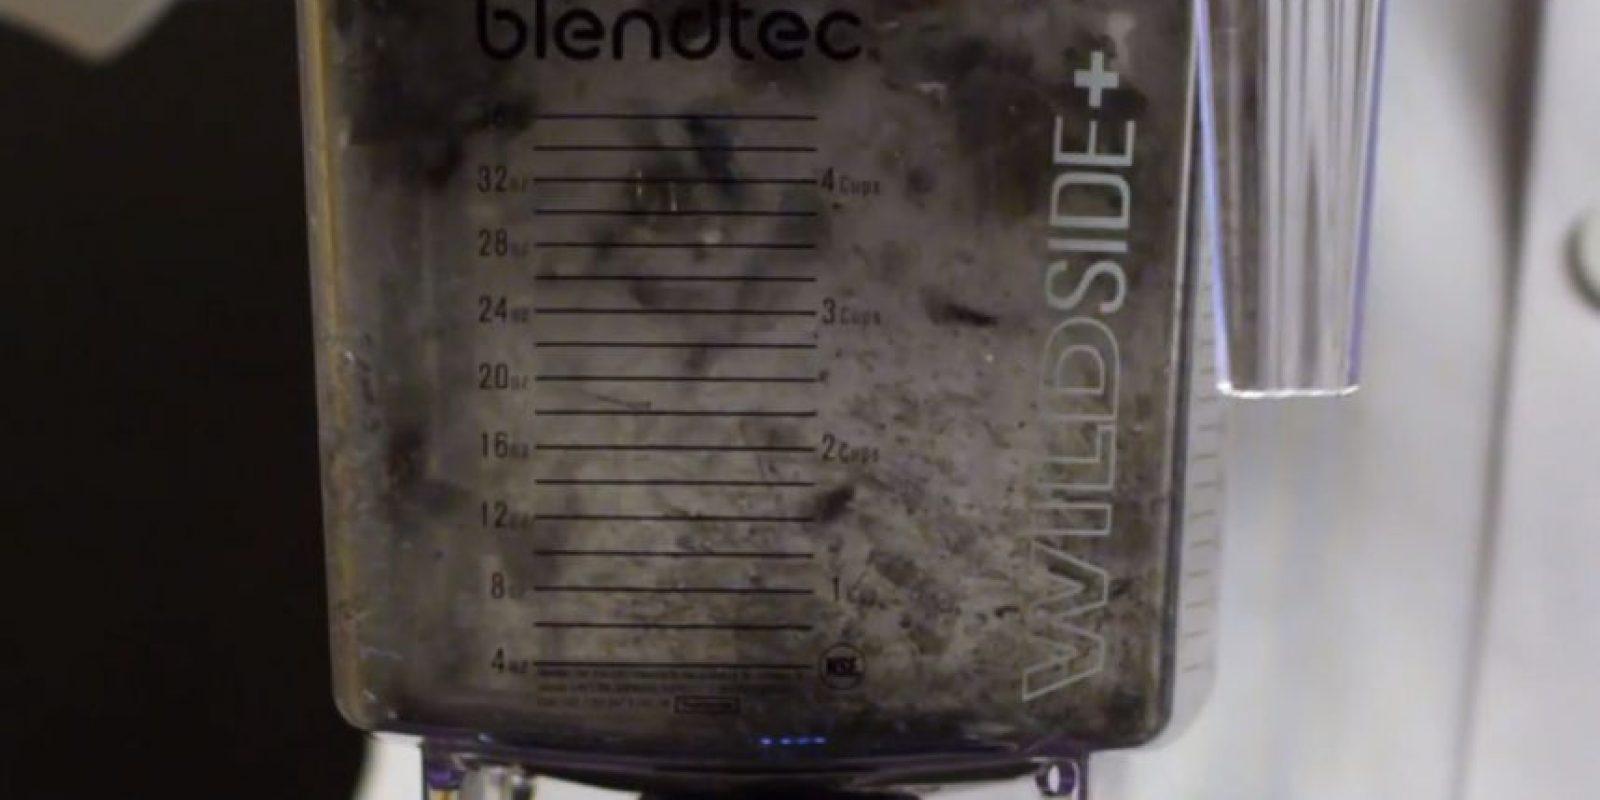 Así queda el Apple Watch después de meterlo a la licuadora. Foto:Blendtec